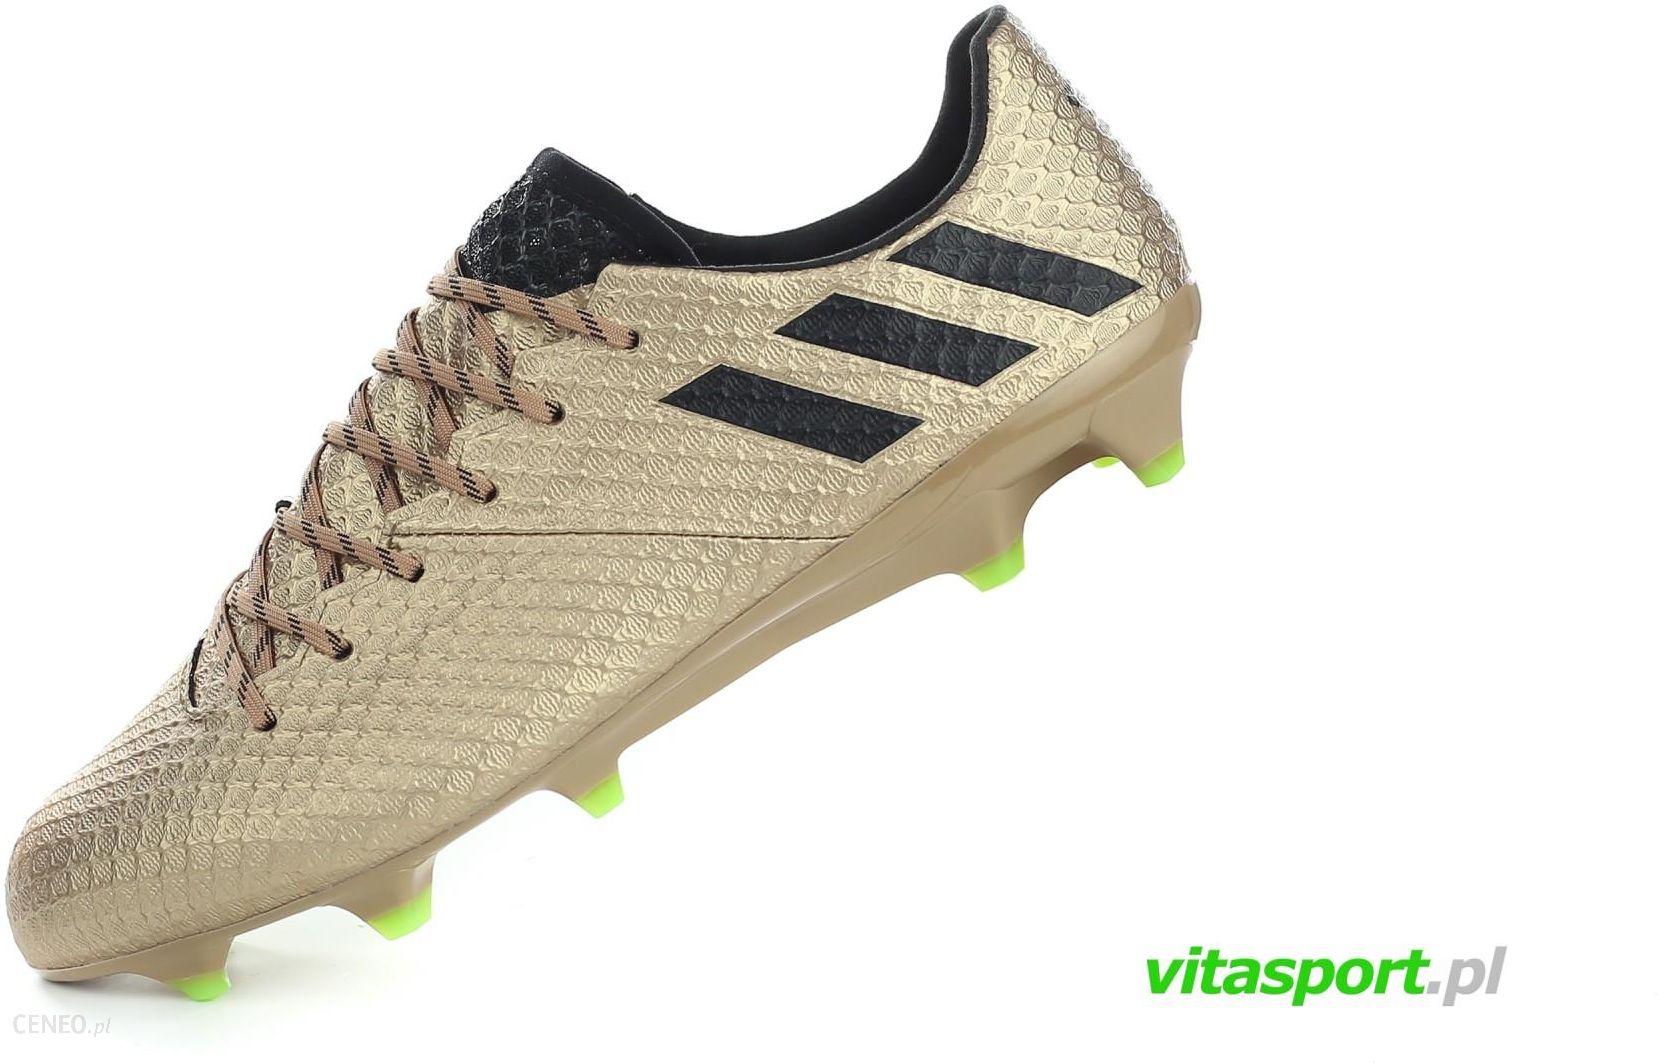 Buty piłkarskie korki Adidas Messi 16.1 FG BA9109